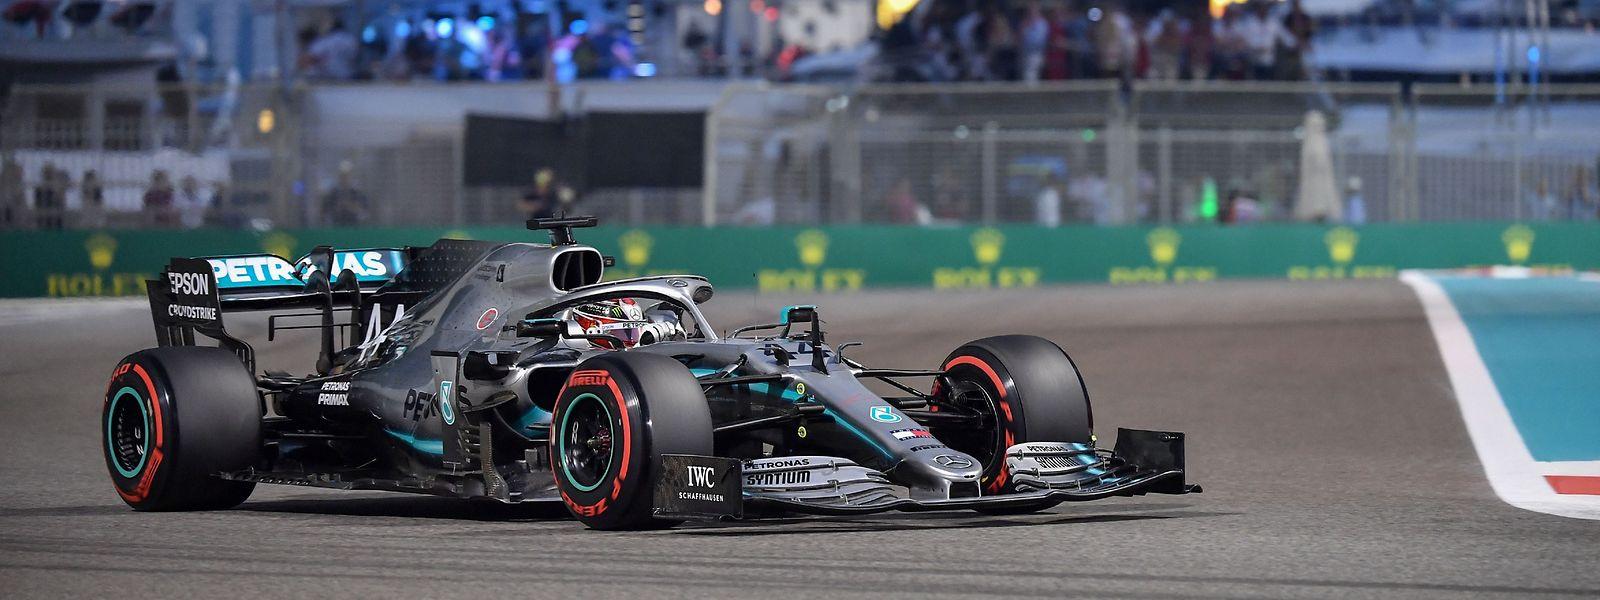 Lewis Hamilton drehte die schnellste Runde auf dem Yas Marina Circuit in Abu Dhabi.